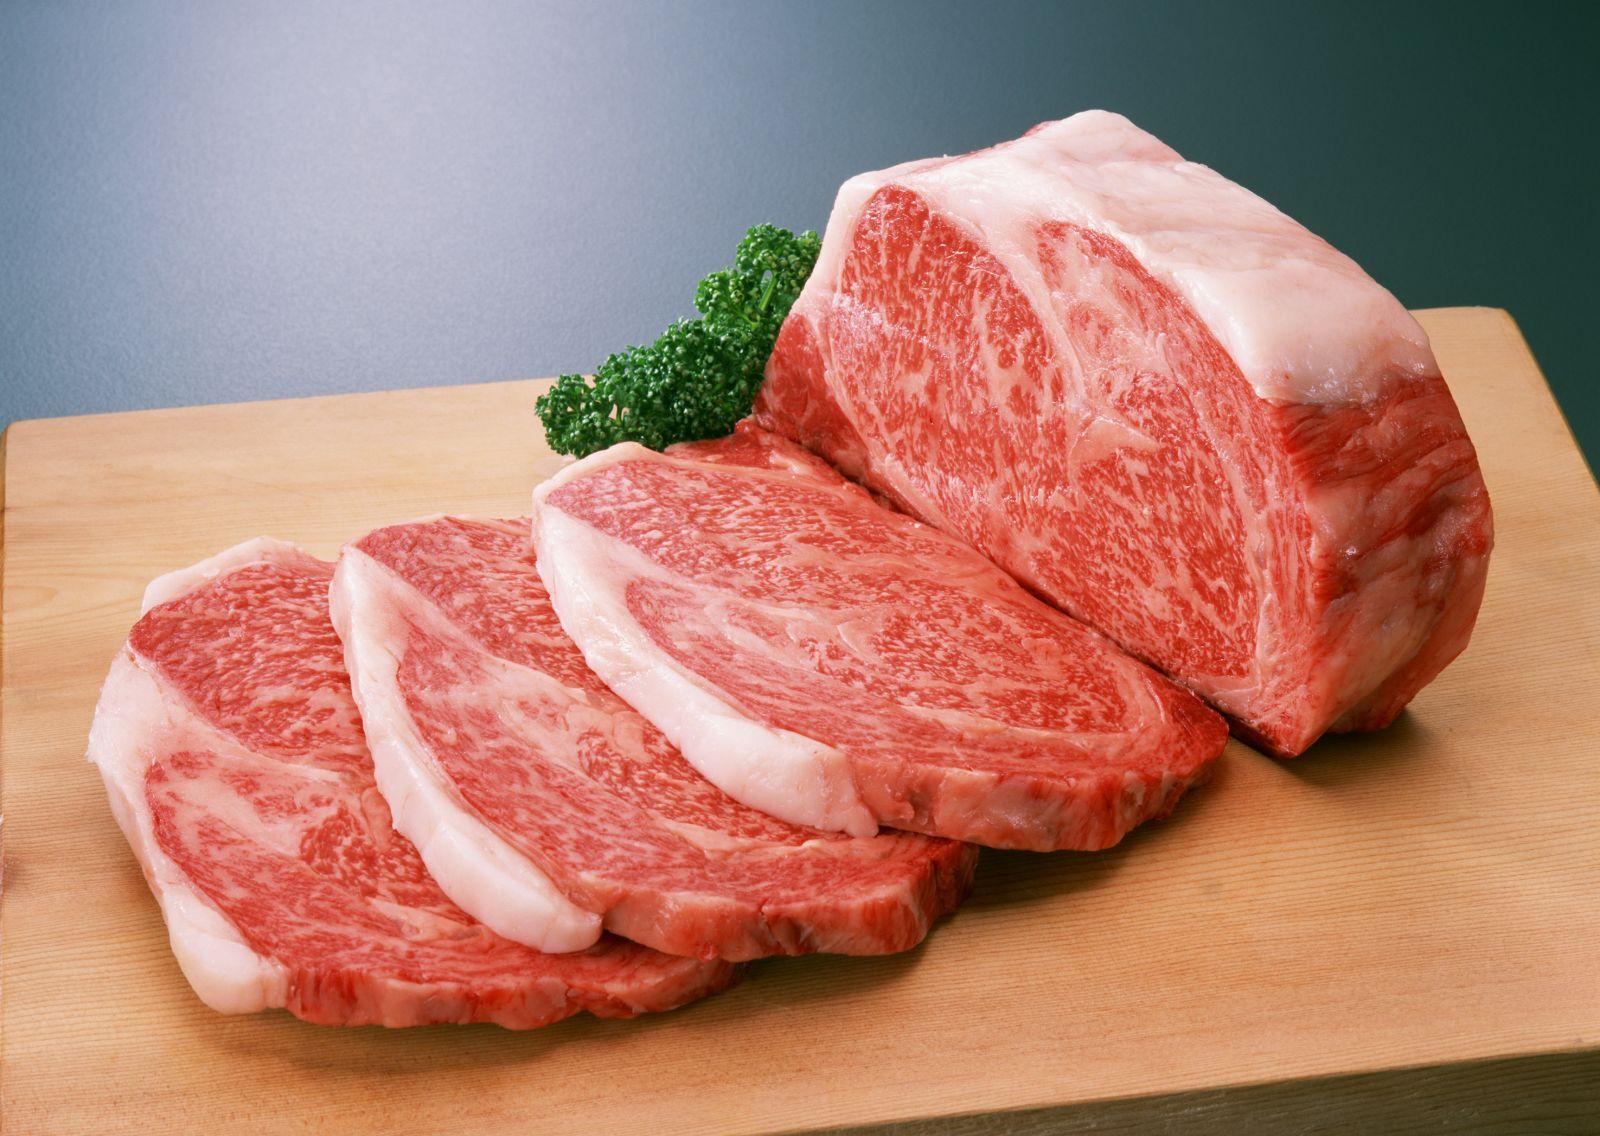 牛肉を柔らかくする方法をマスターしよう!これでお料理上手に!のサムネイル画像